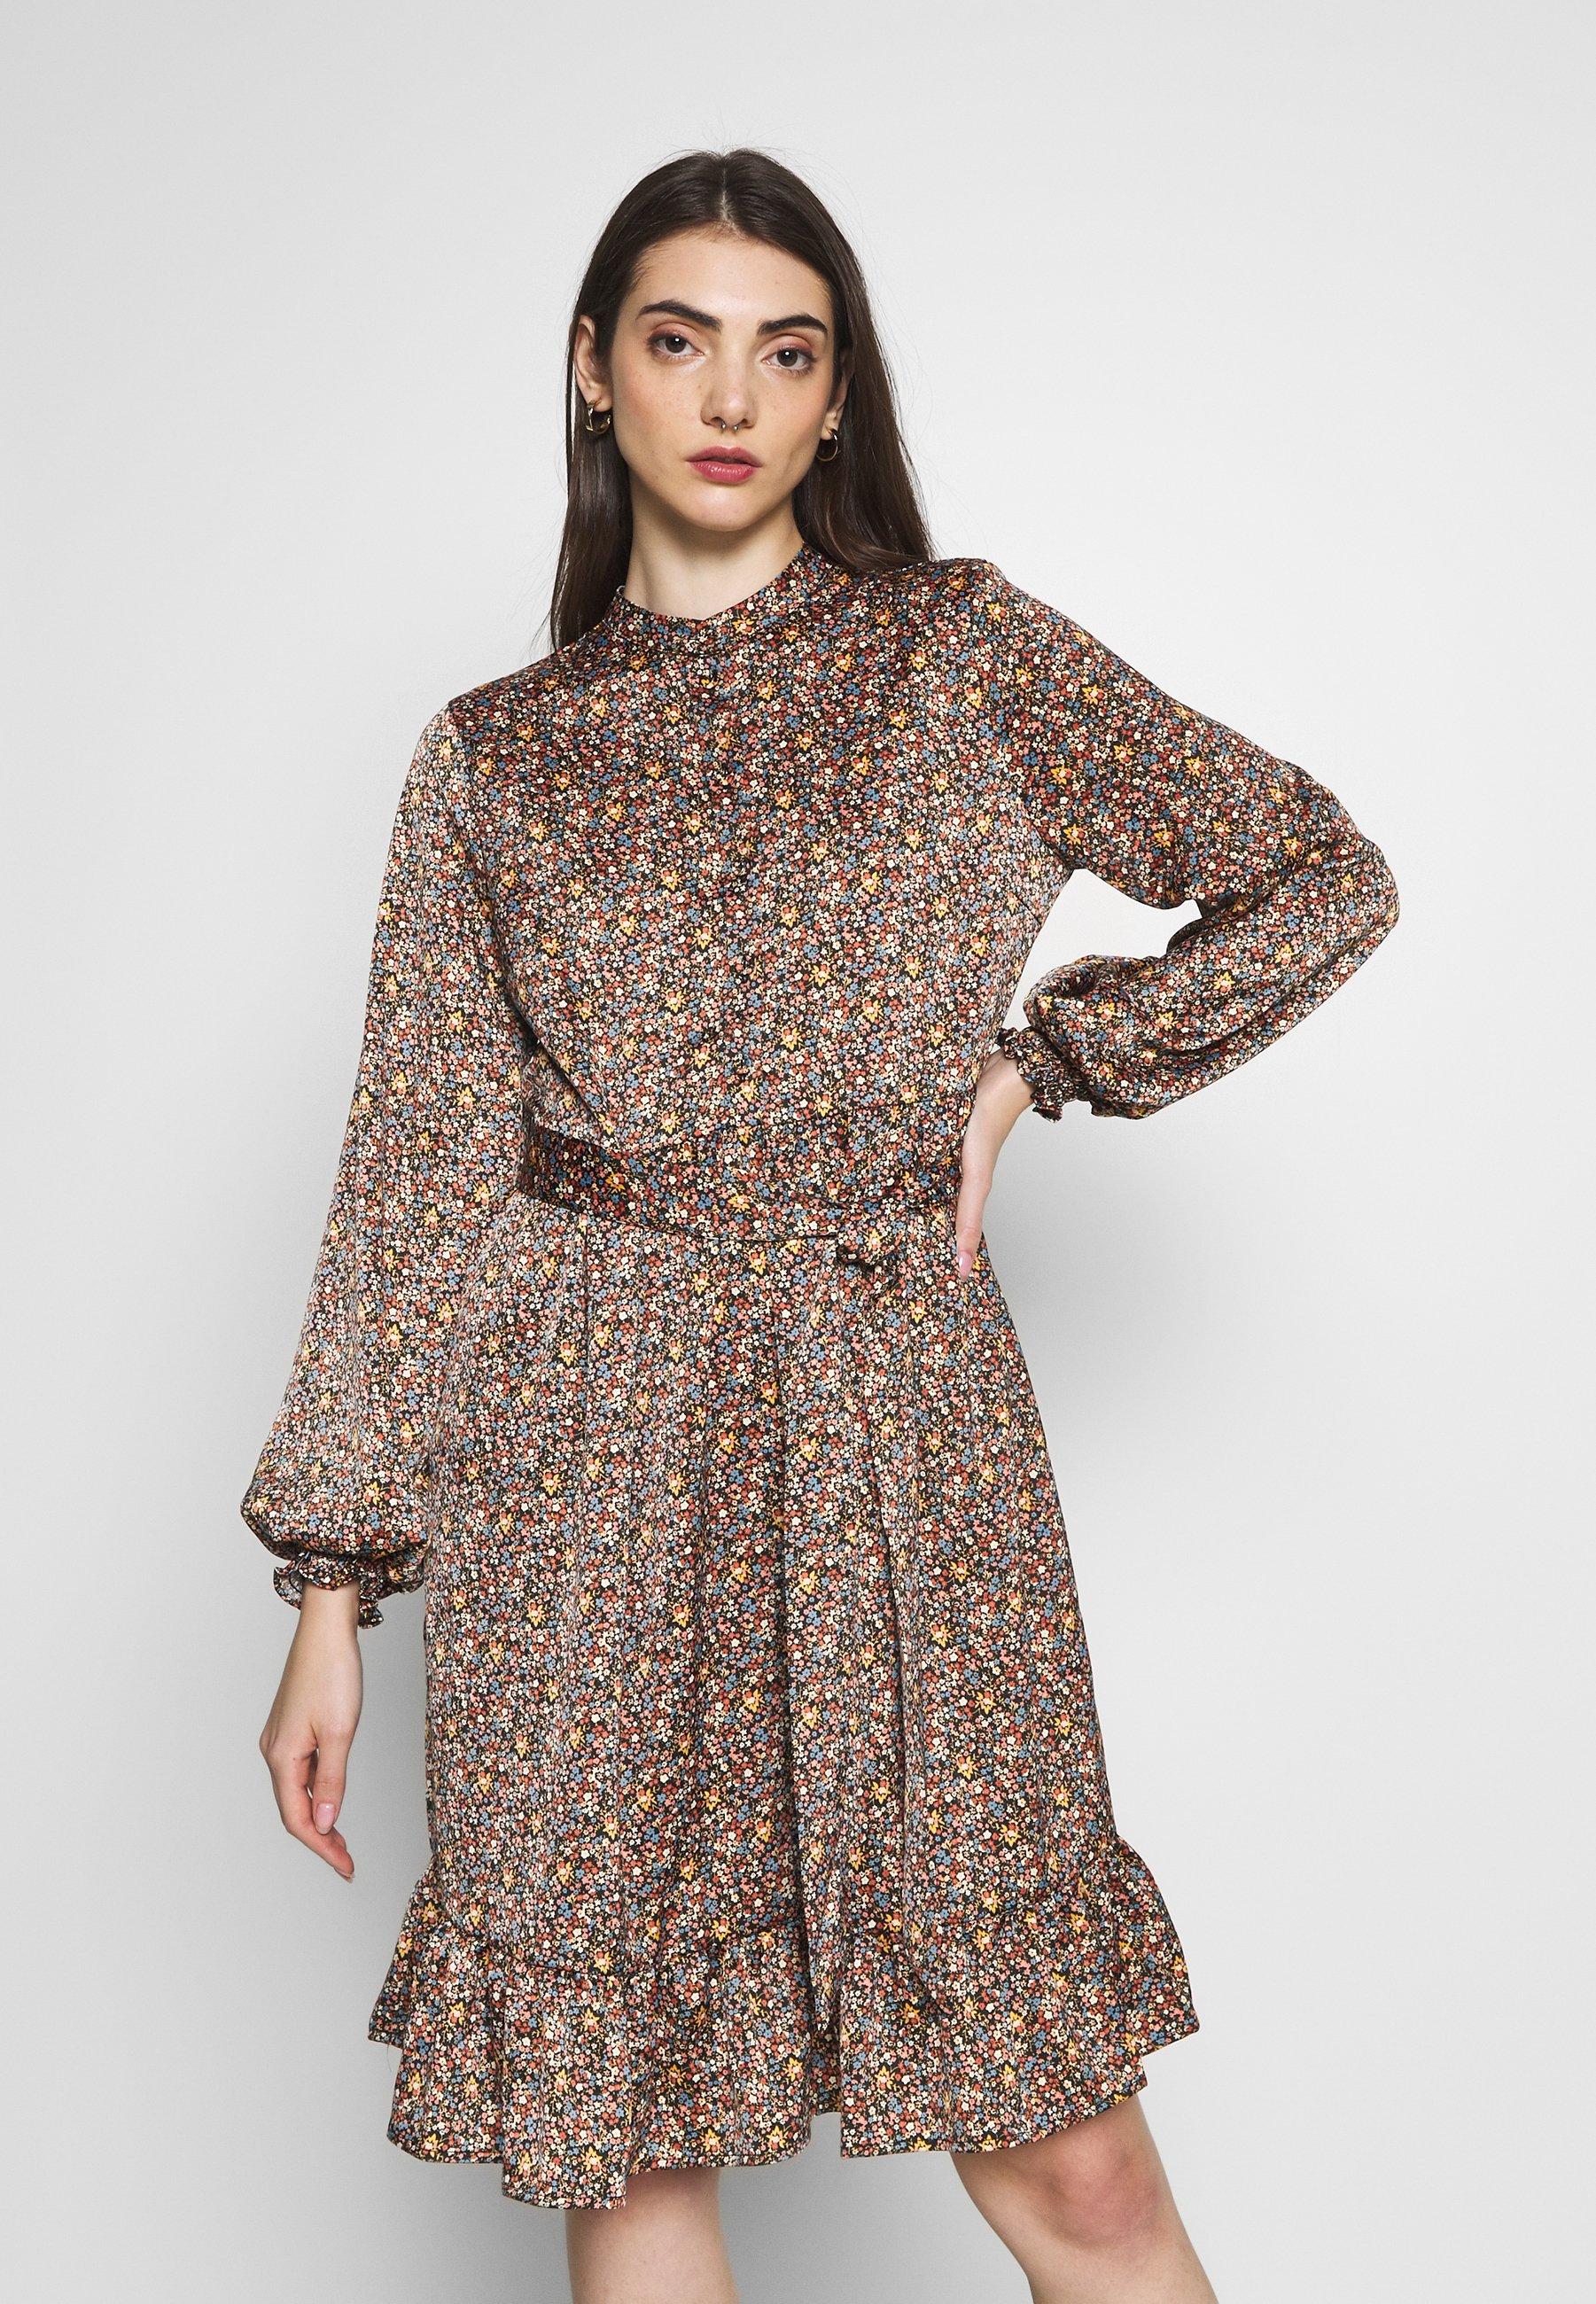 2020 Cool Women's Clothing YAS YASSIERRA DRESS Day dress black/sierra fu5N5O1yG